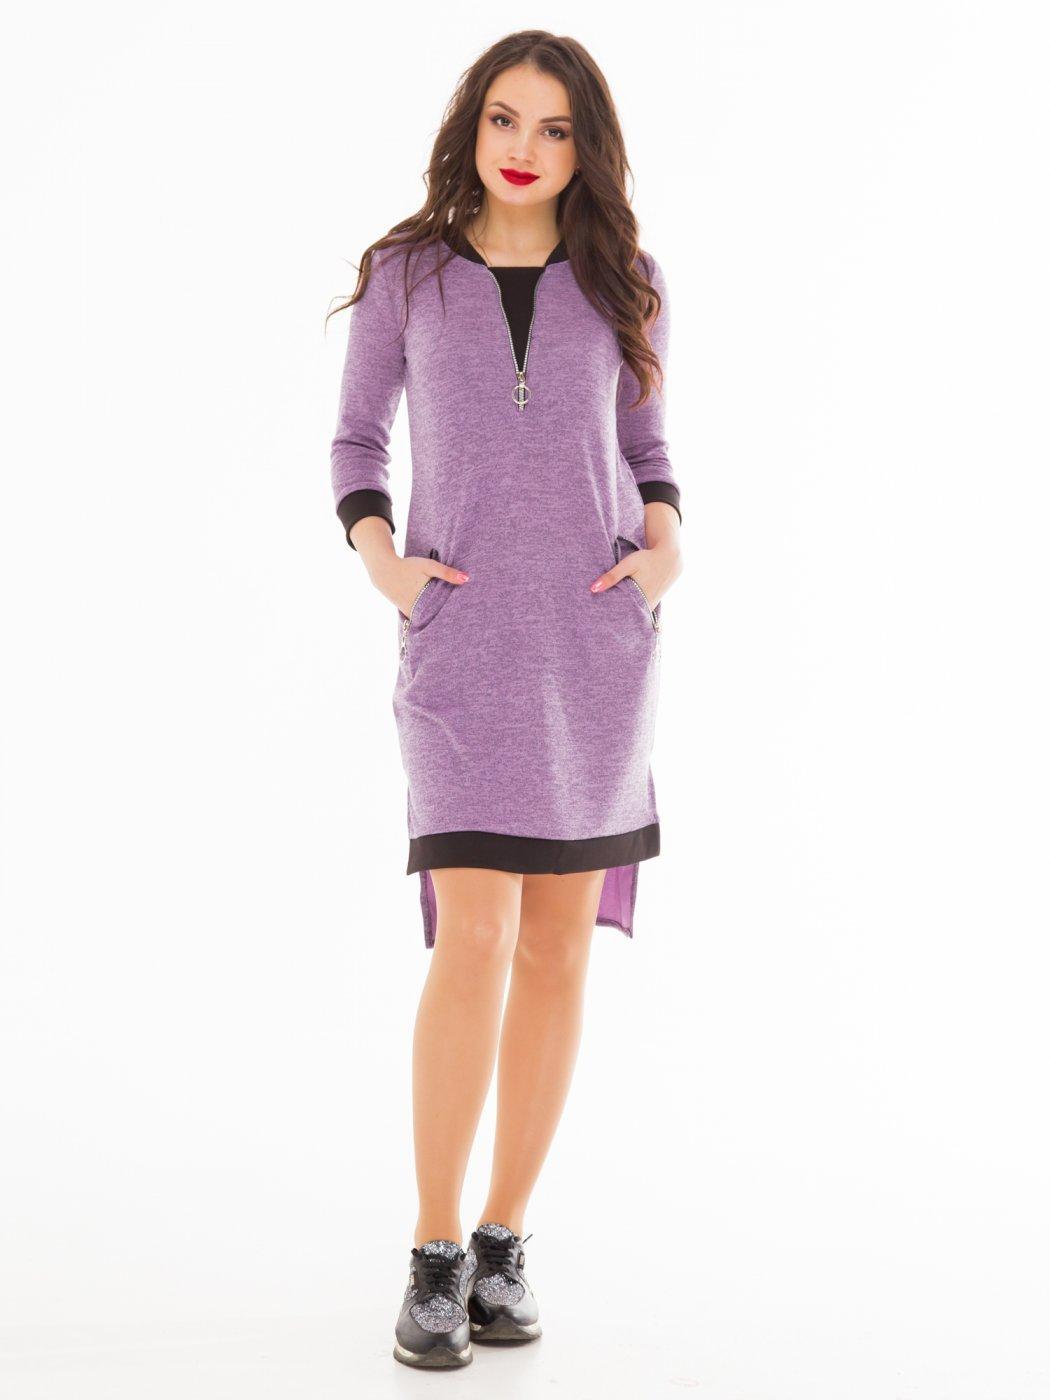 Платье 78059-LIL от Alpama, цвет лиловый